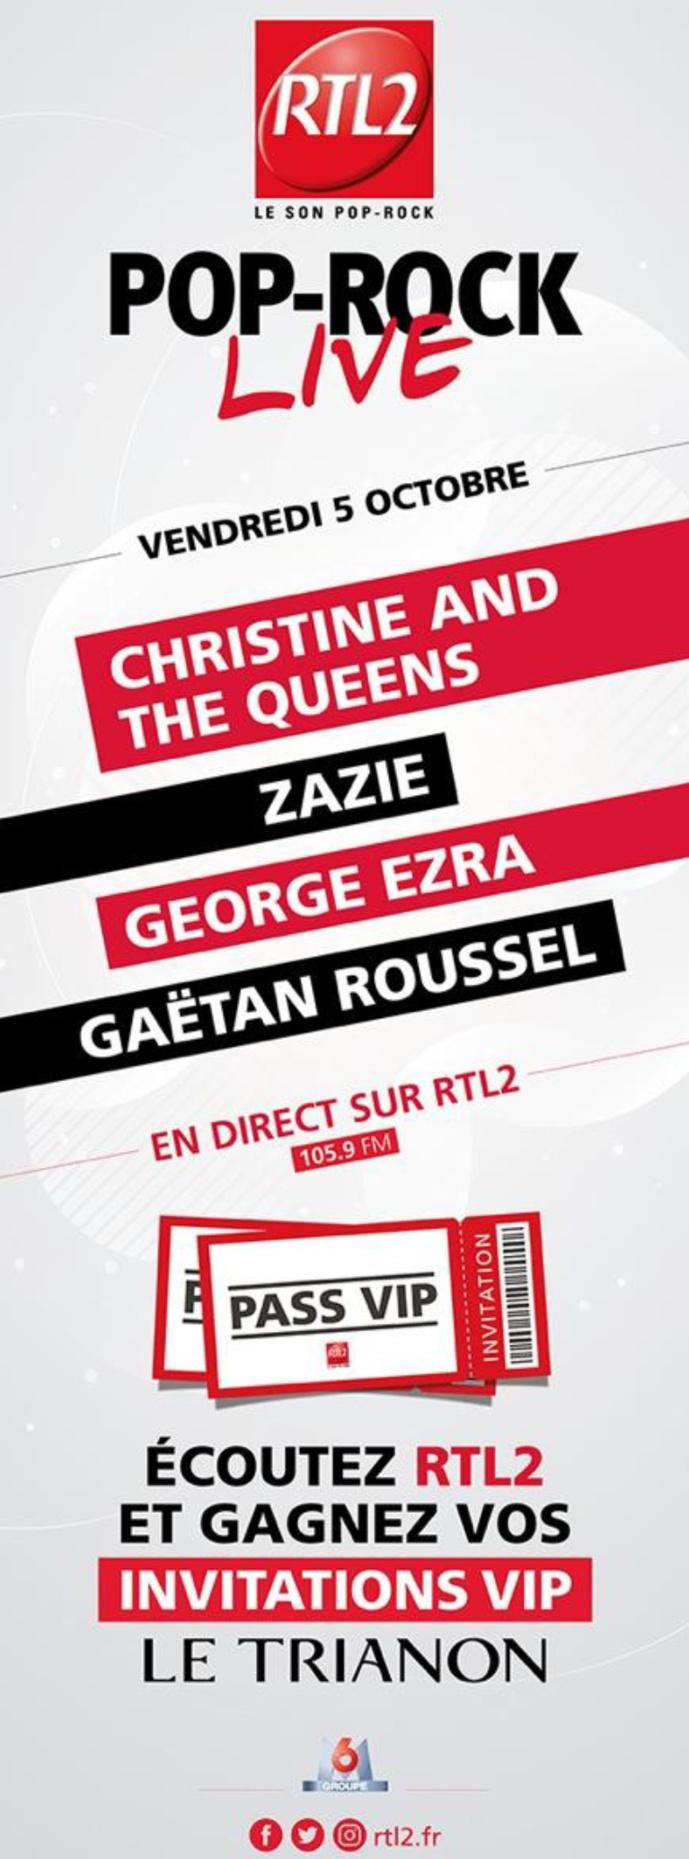 RTL2 lance une campagne pour sa rentrée